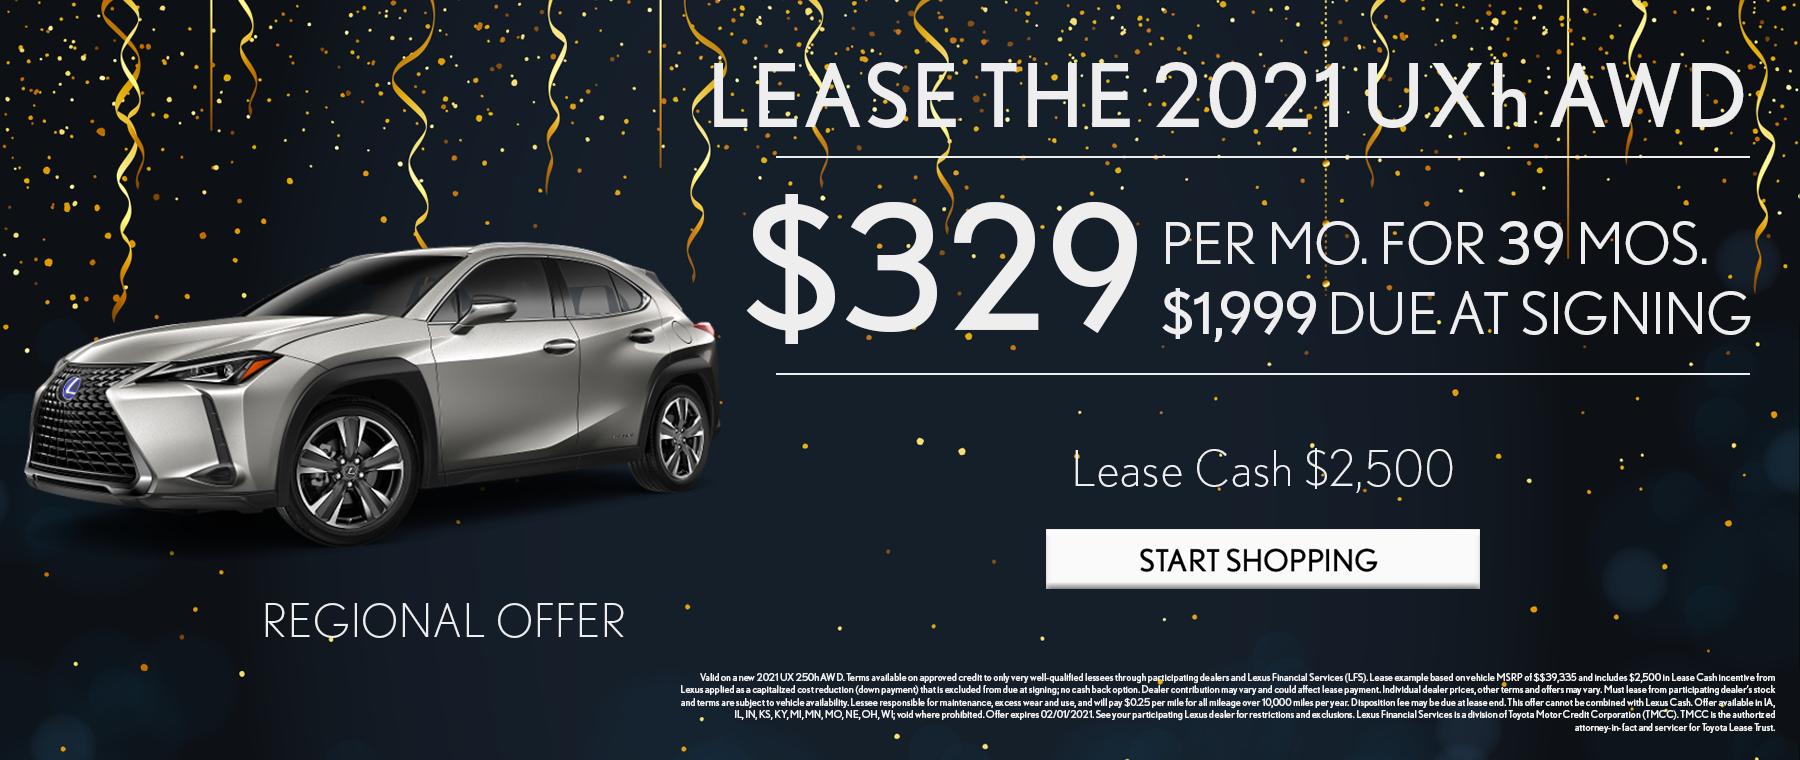 2021 UXh AWD Regional Offer